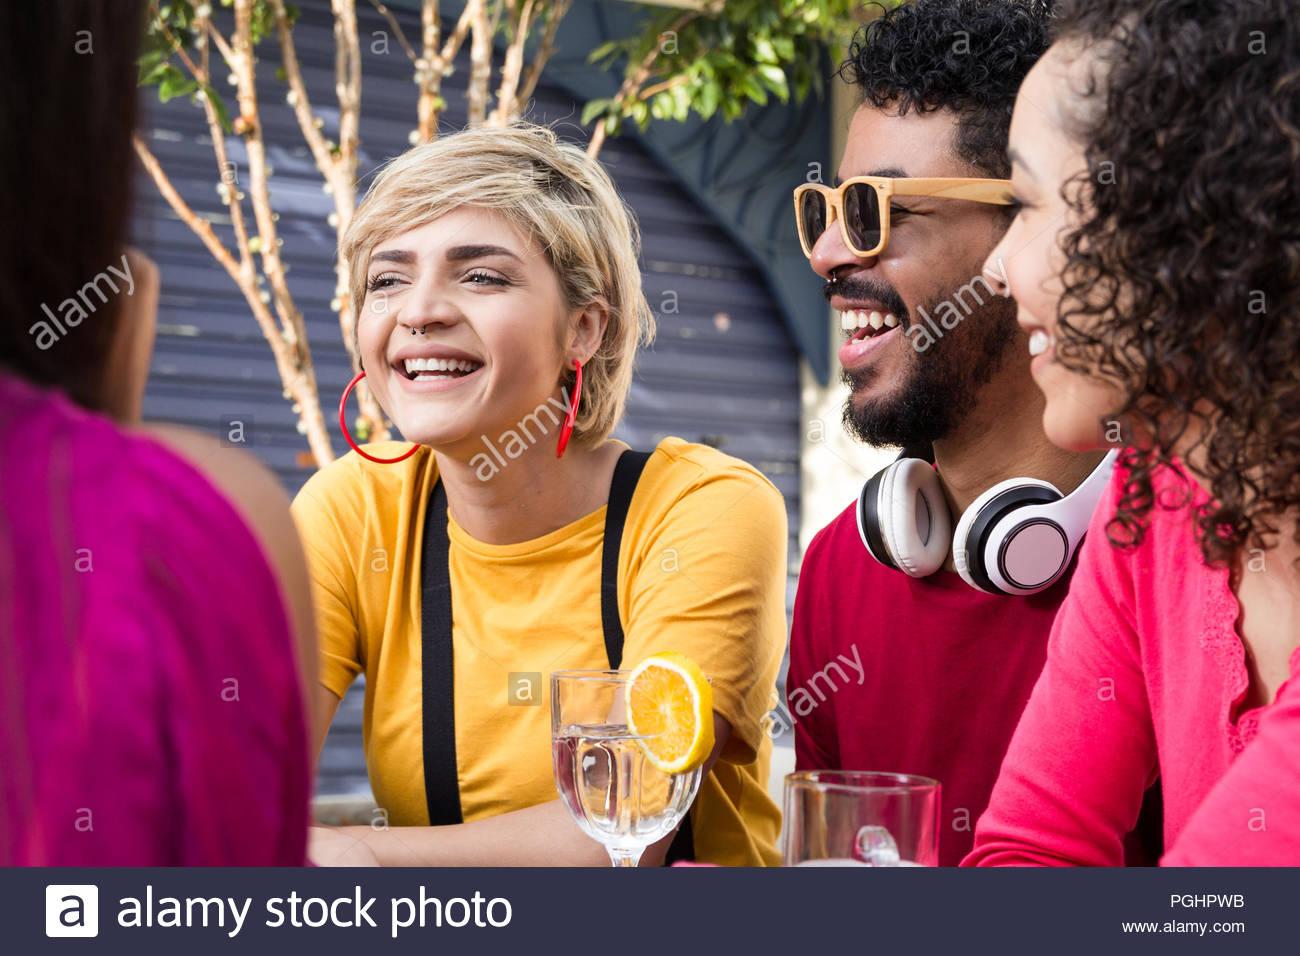 Les jeunes adultes sortir, s'amuser au restaurant à l'extérieur. Les étudiants multiculturels fête ensemble au cafe bar piscine. Printemps, accueil chaleureux, convivialité, Photo Stock